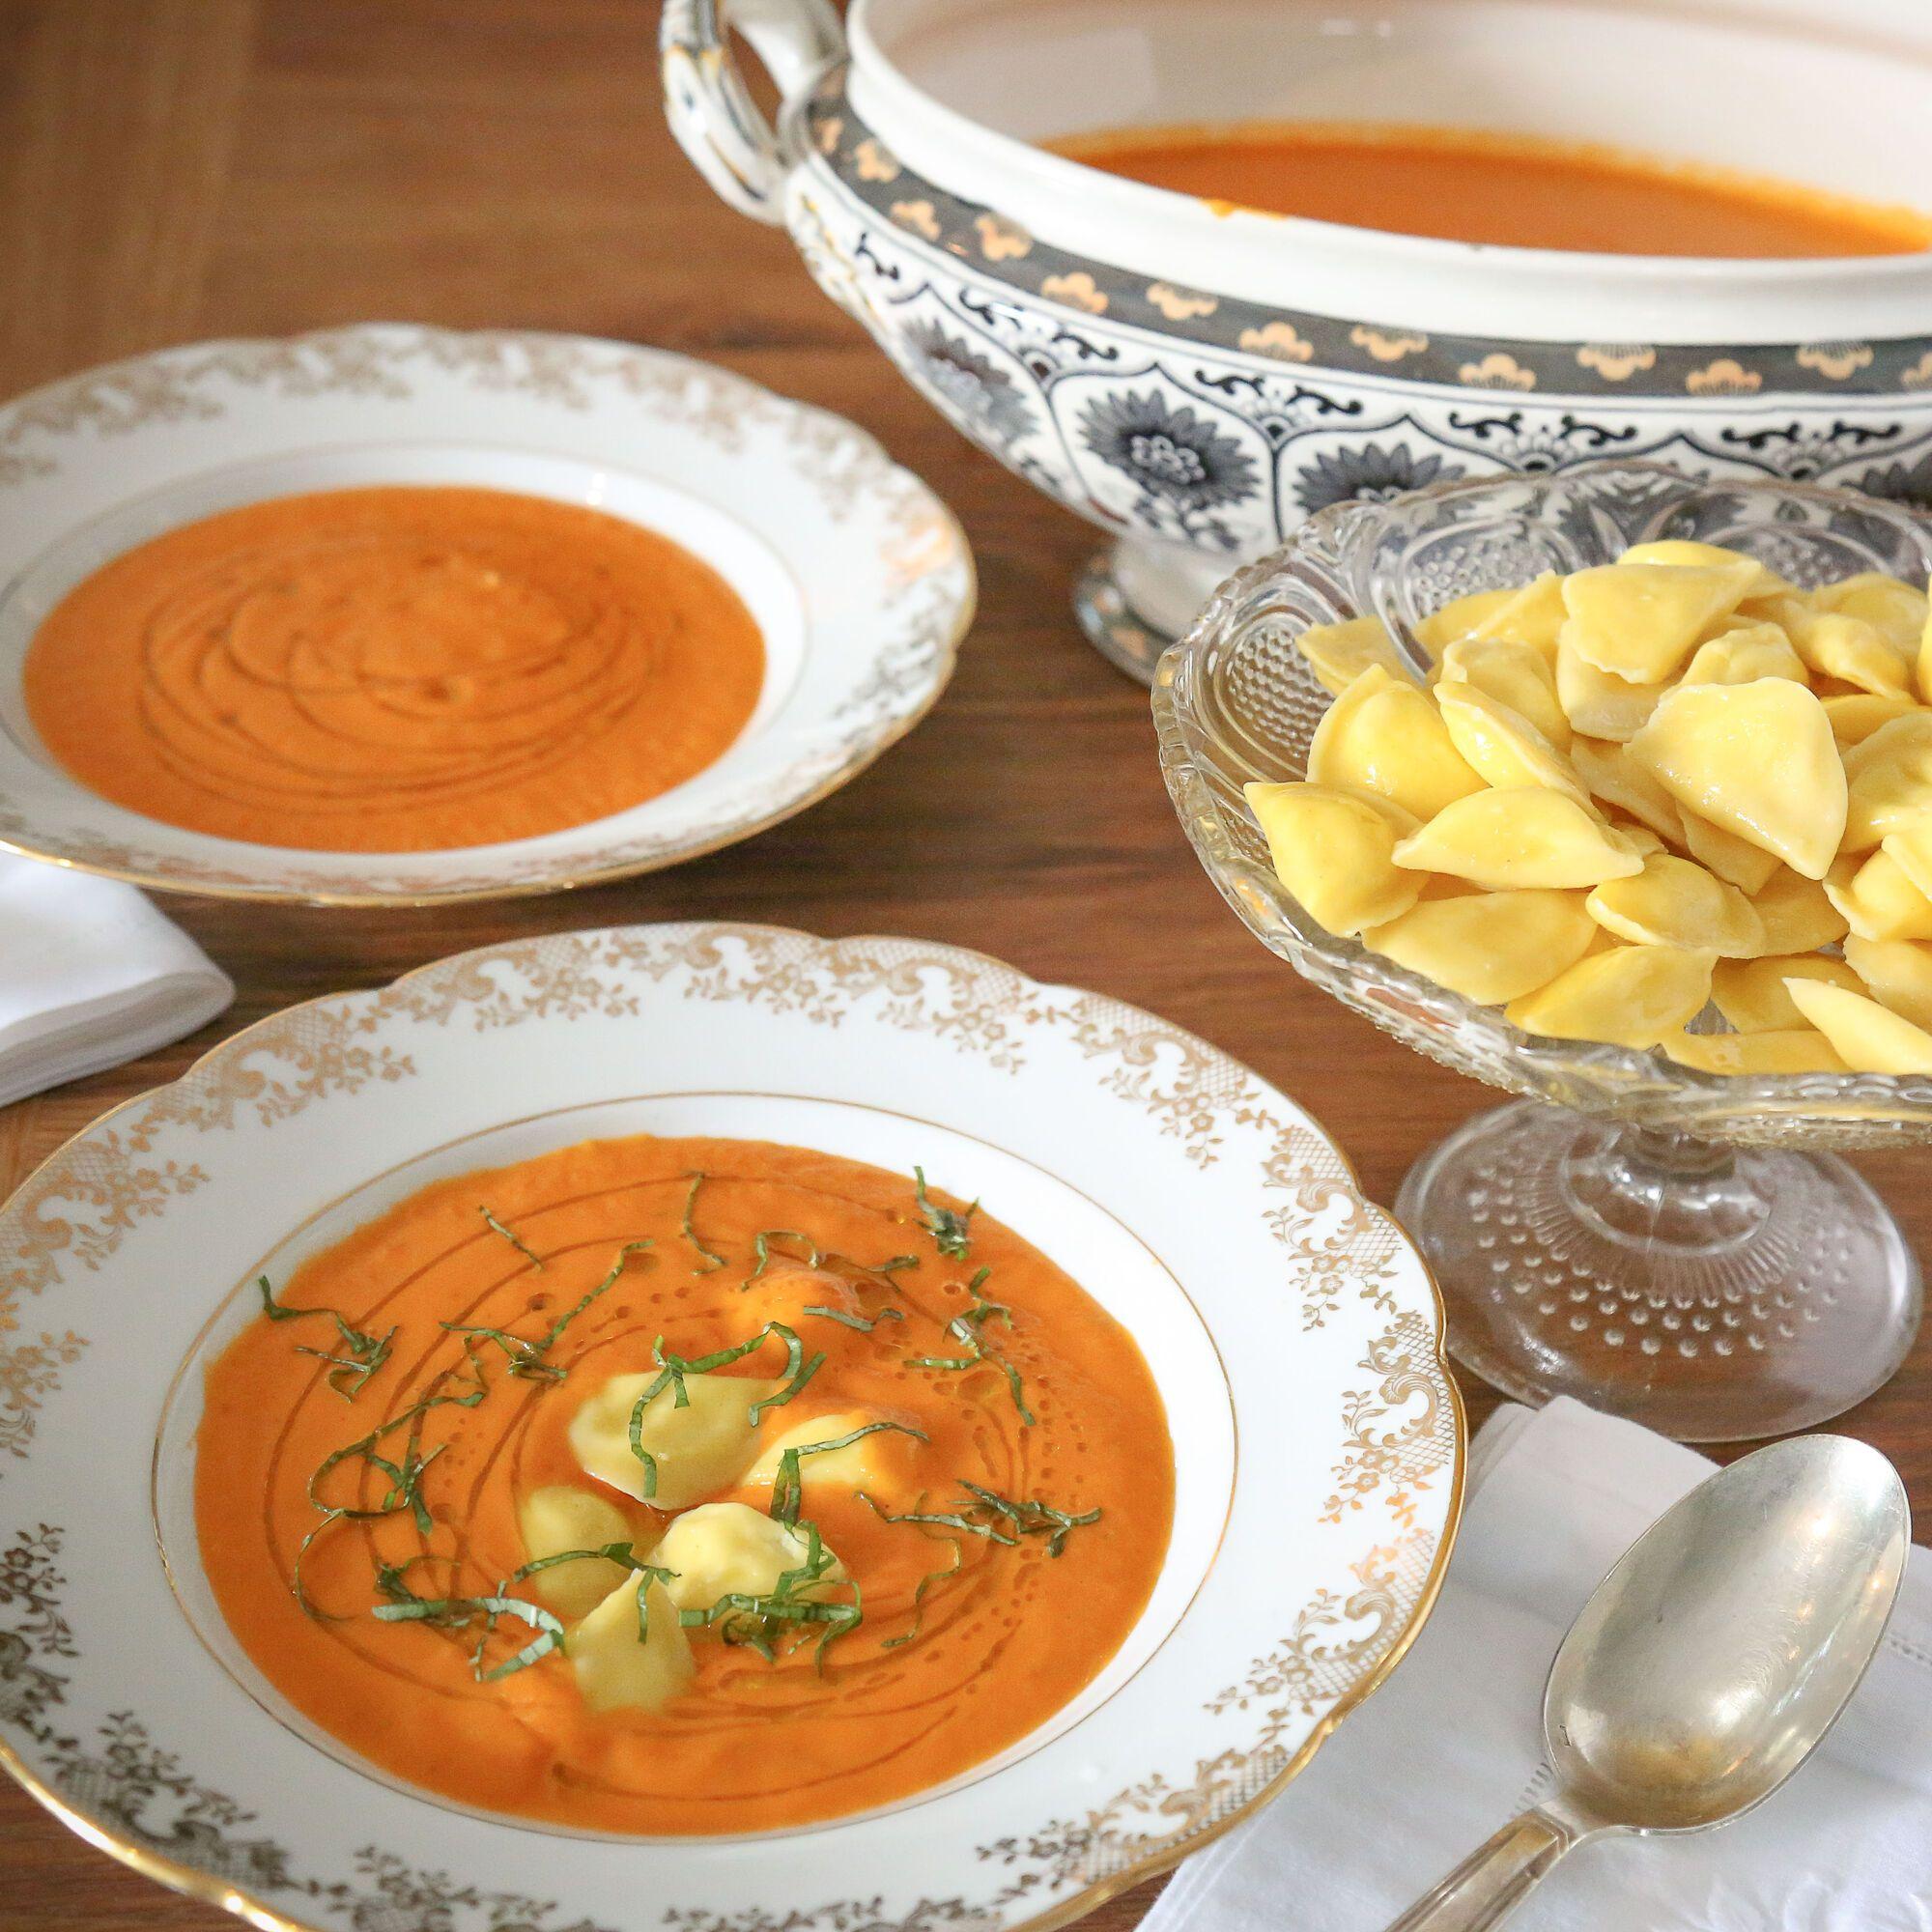 מוזגים את המרק לצלחות עמוקות ומוסיפים 6-7 יחידות רביולי למנה